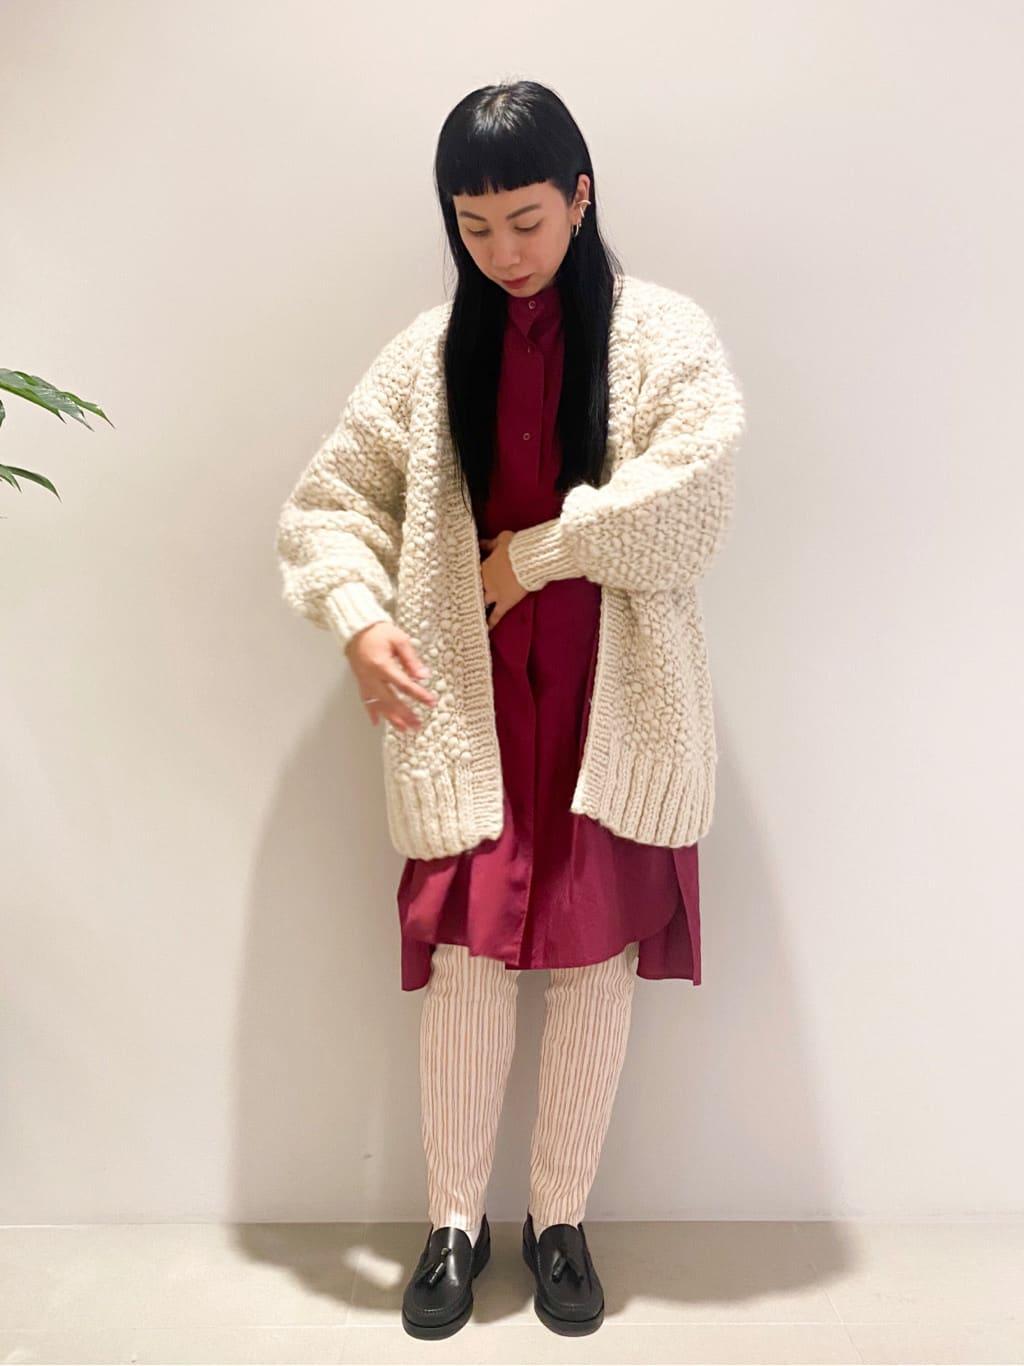 yuni 二子玉川ライズ 身長:154cm 2021.09.16